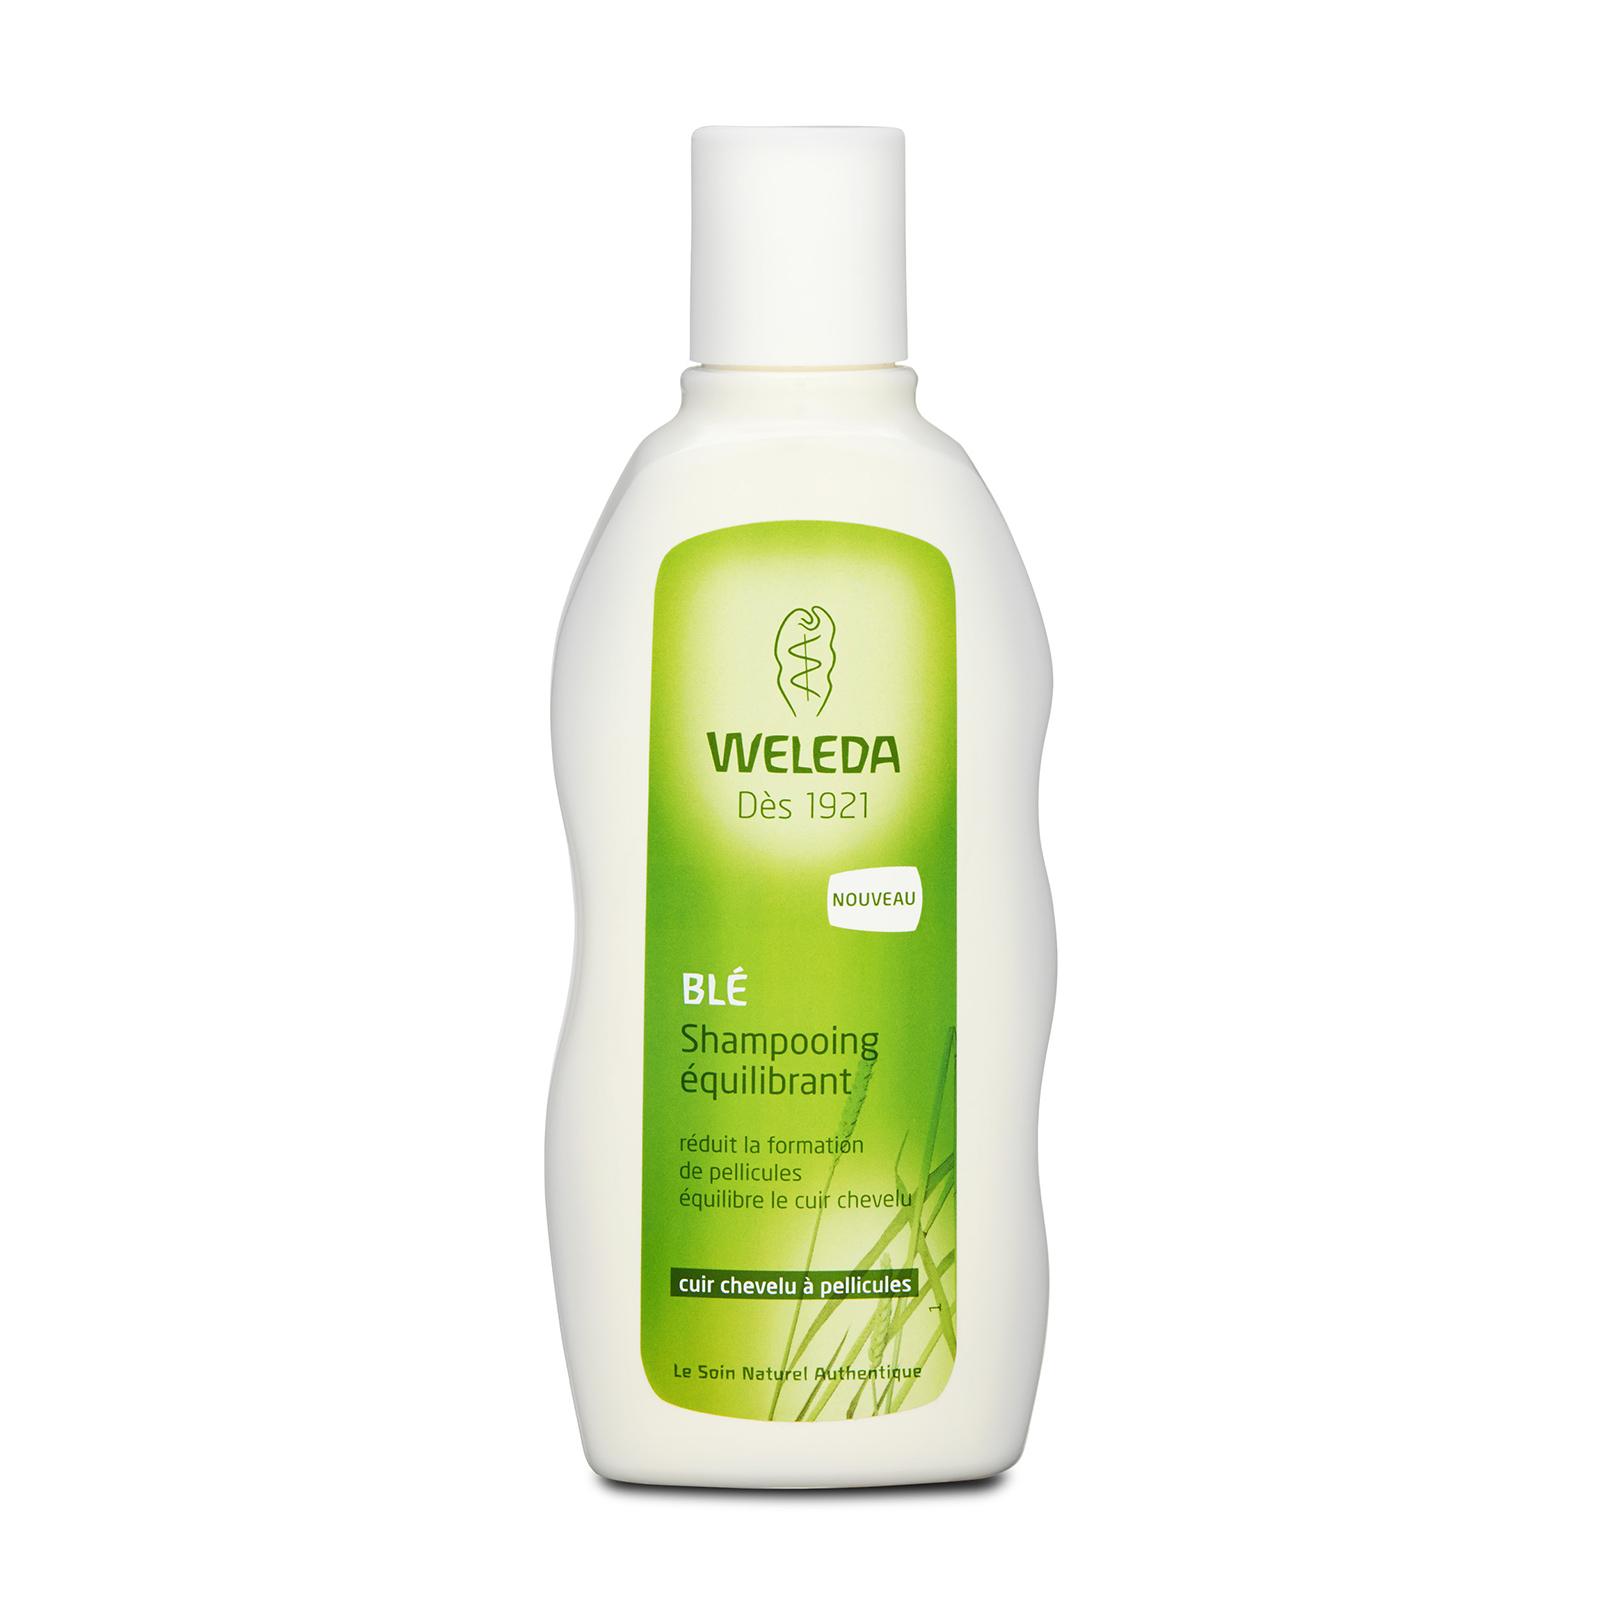 Weleda  Ble Shampooing Equilibrant 190ml, WDX0100271-000-00